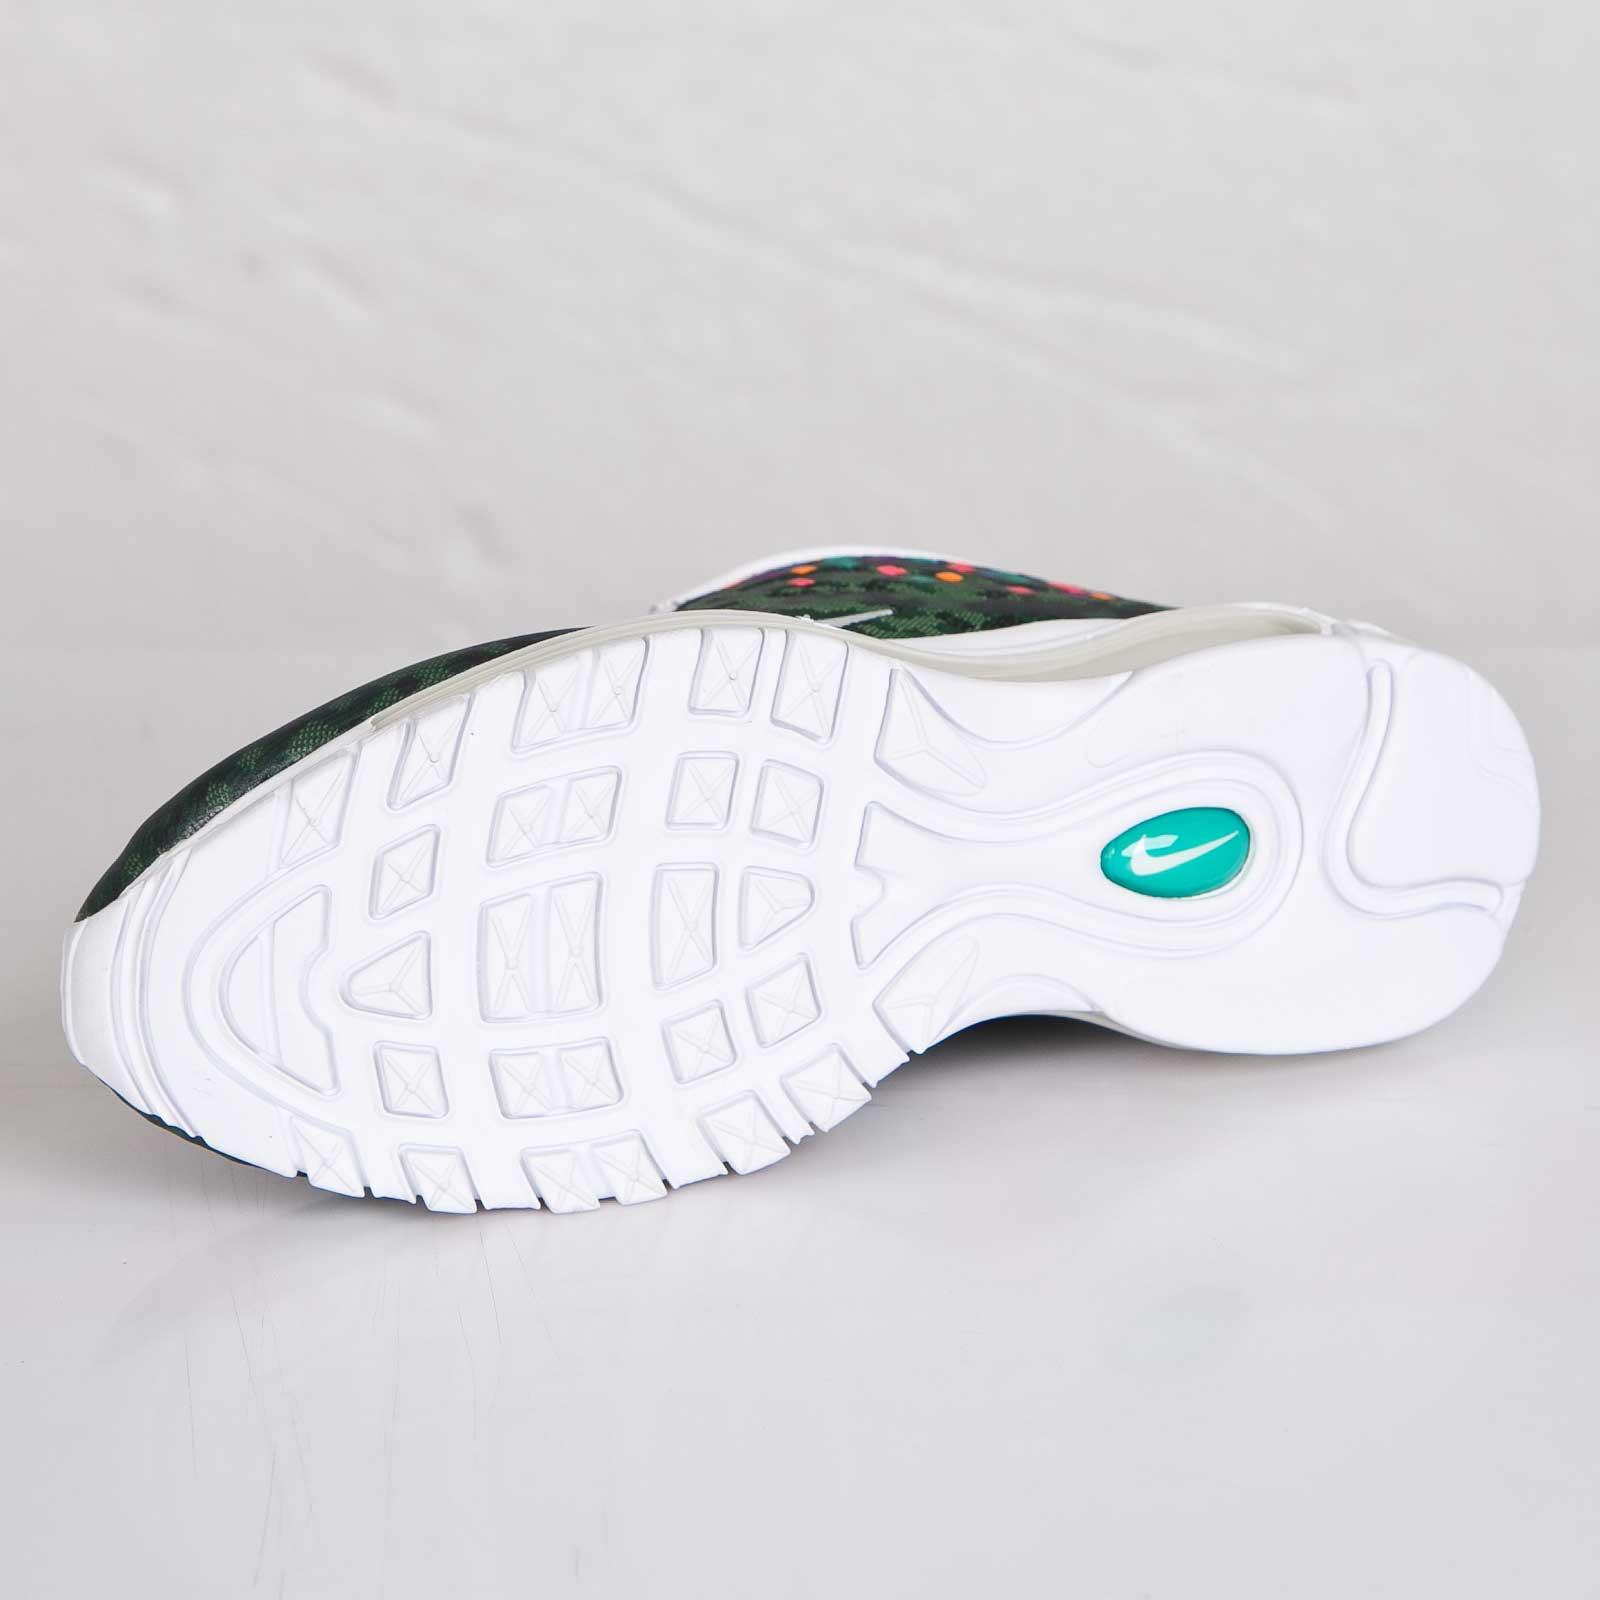 Nike Air Max ´97 JD SP 693202 331 Sneakersnstuff